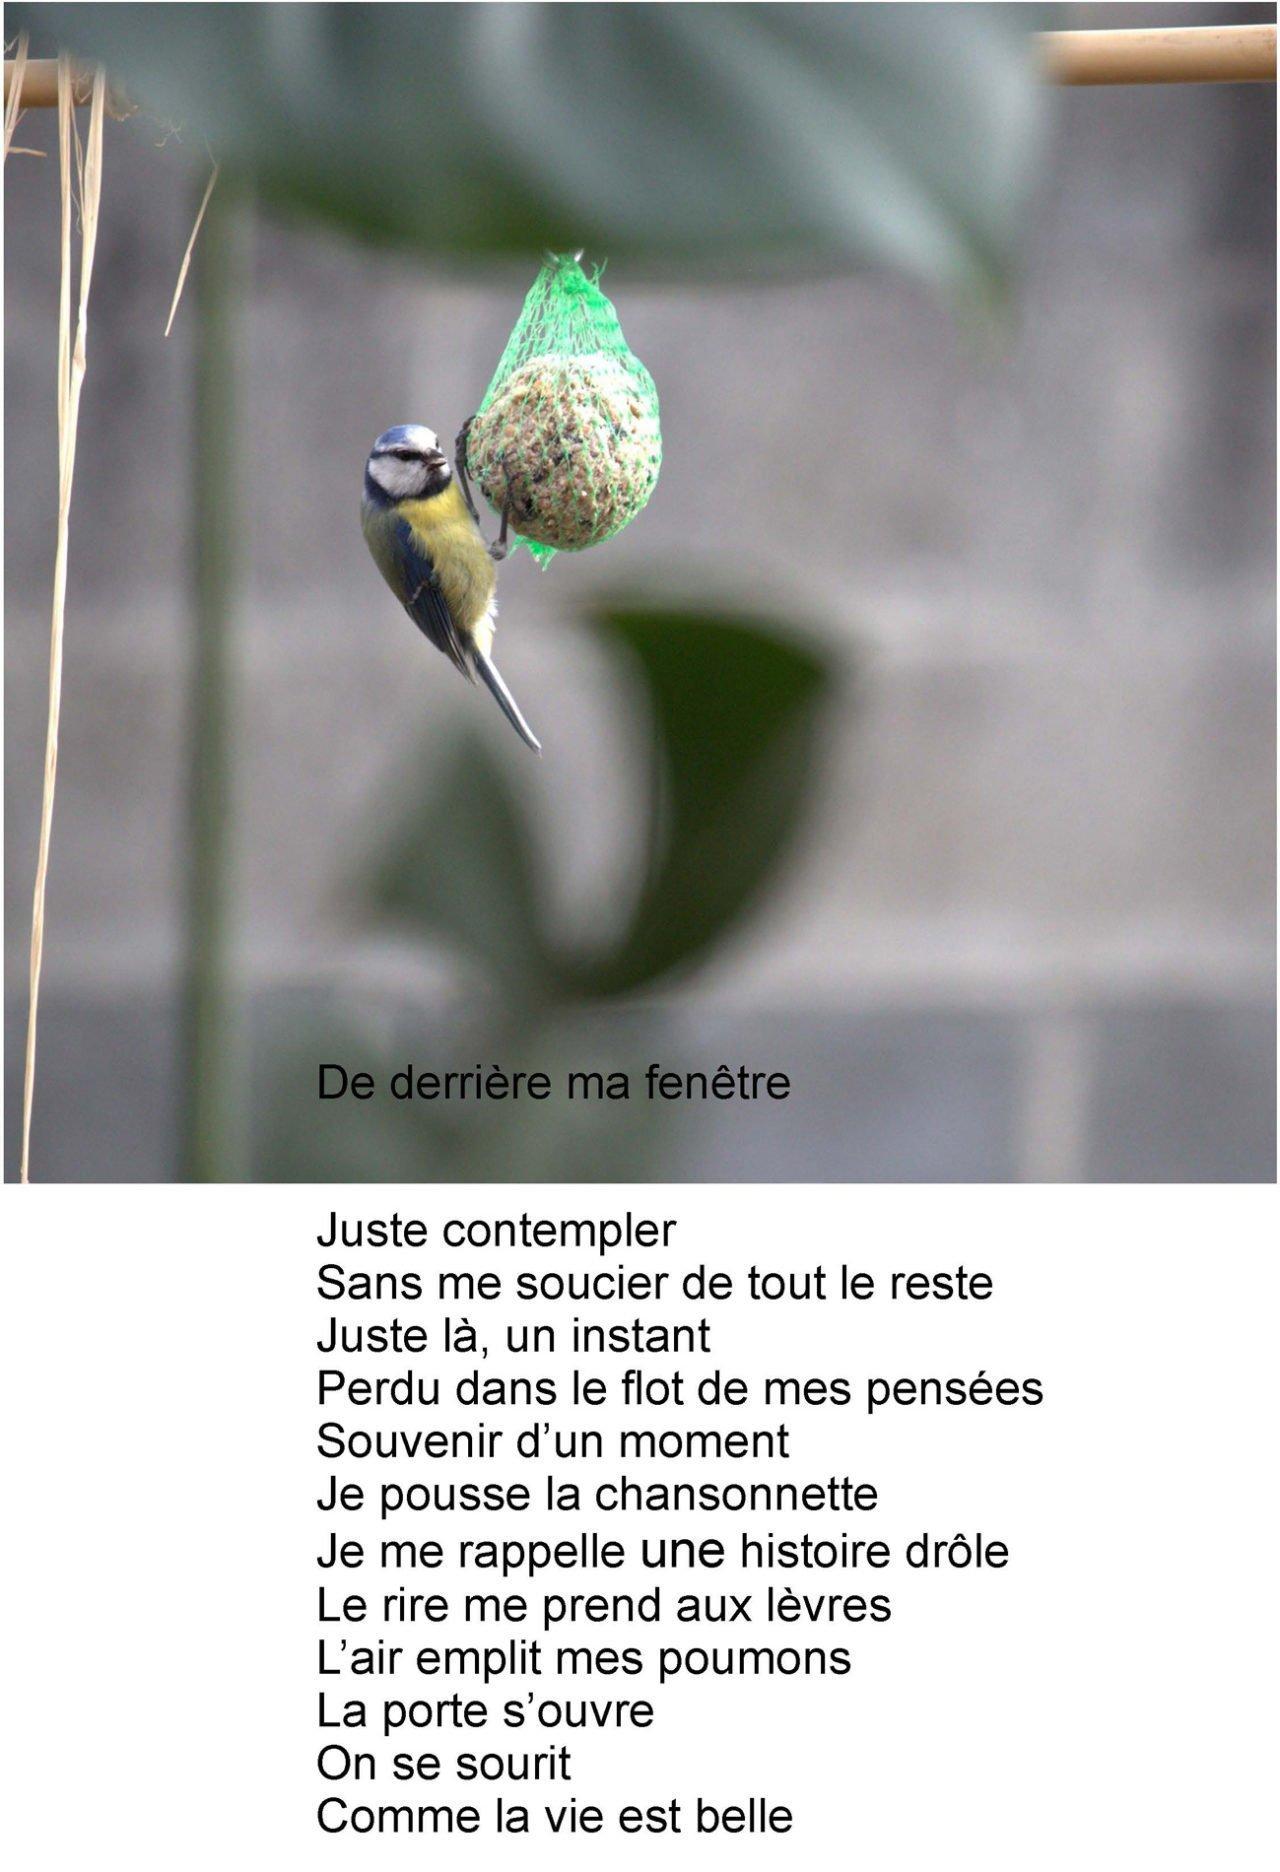 Covid-19 - bons plans et bonnes idée - poème de Nathalie